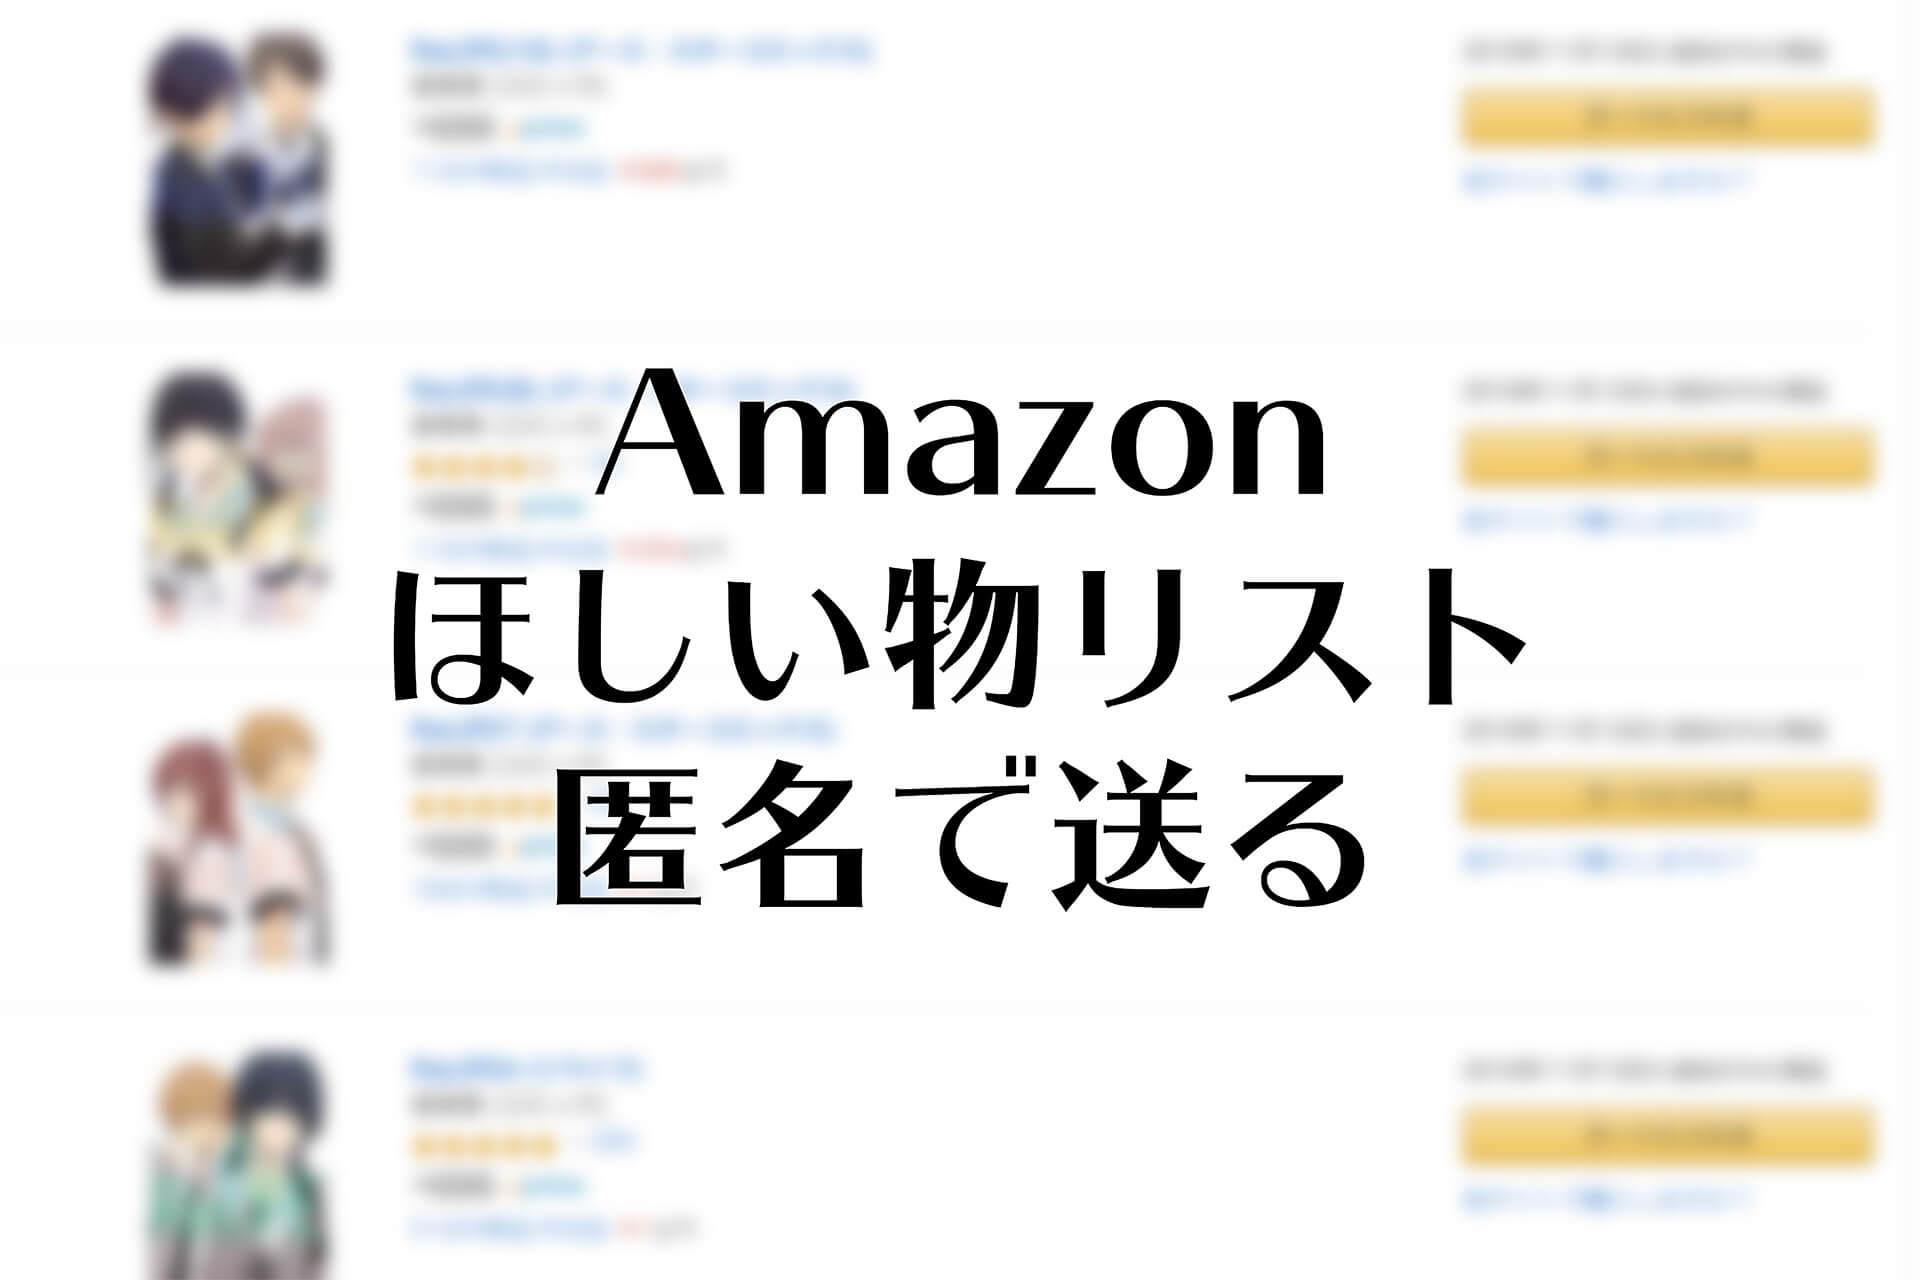 Amazonのほしい物リストから匿名でギフトを送る方法